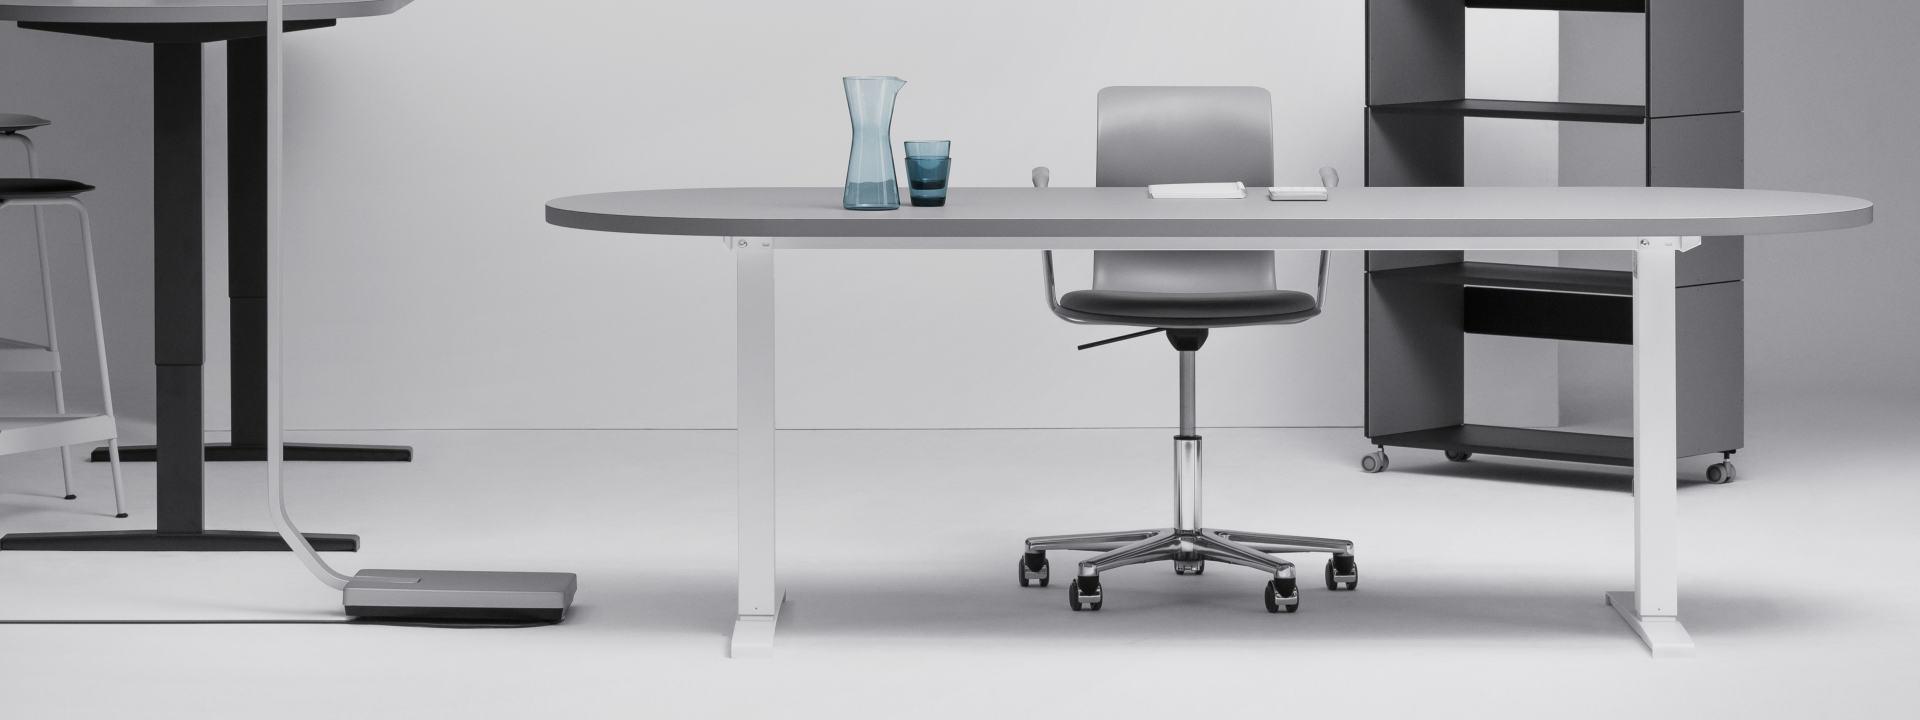 Hubert motorized (Centered Leg), Table Frames